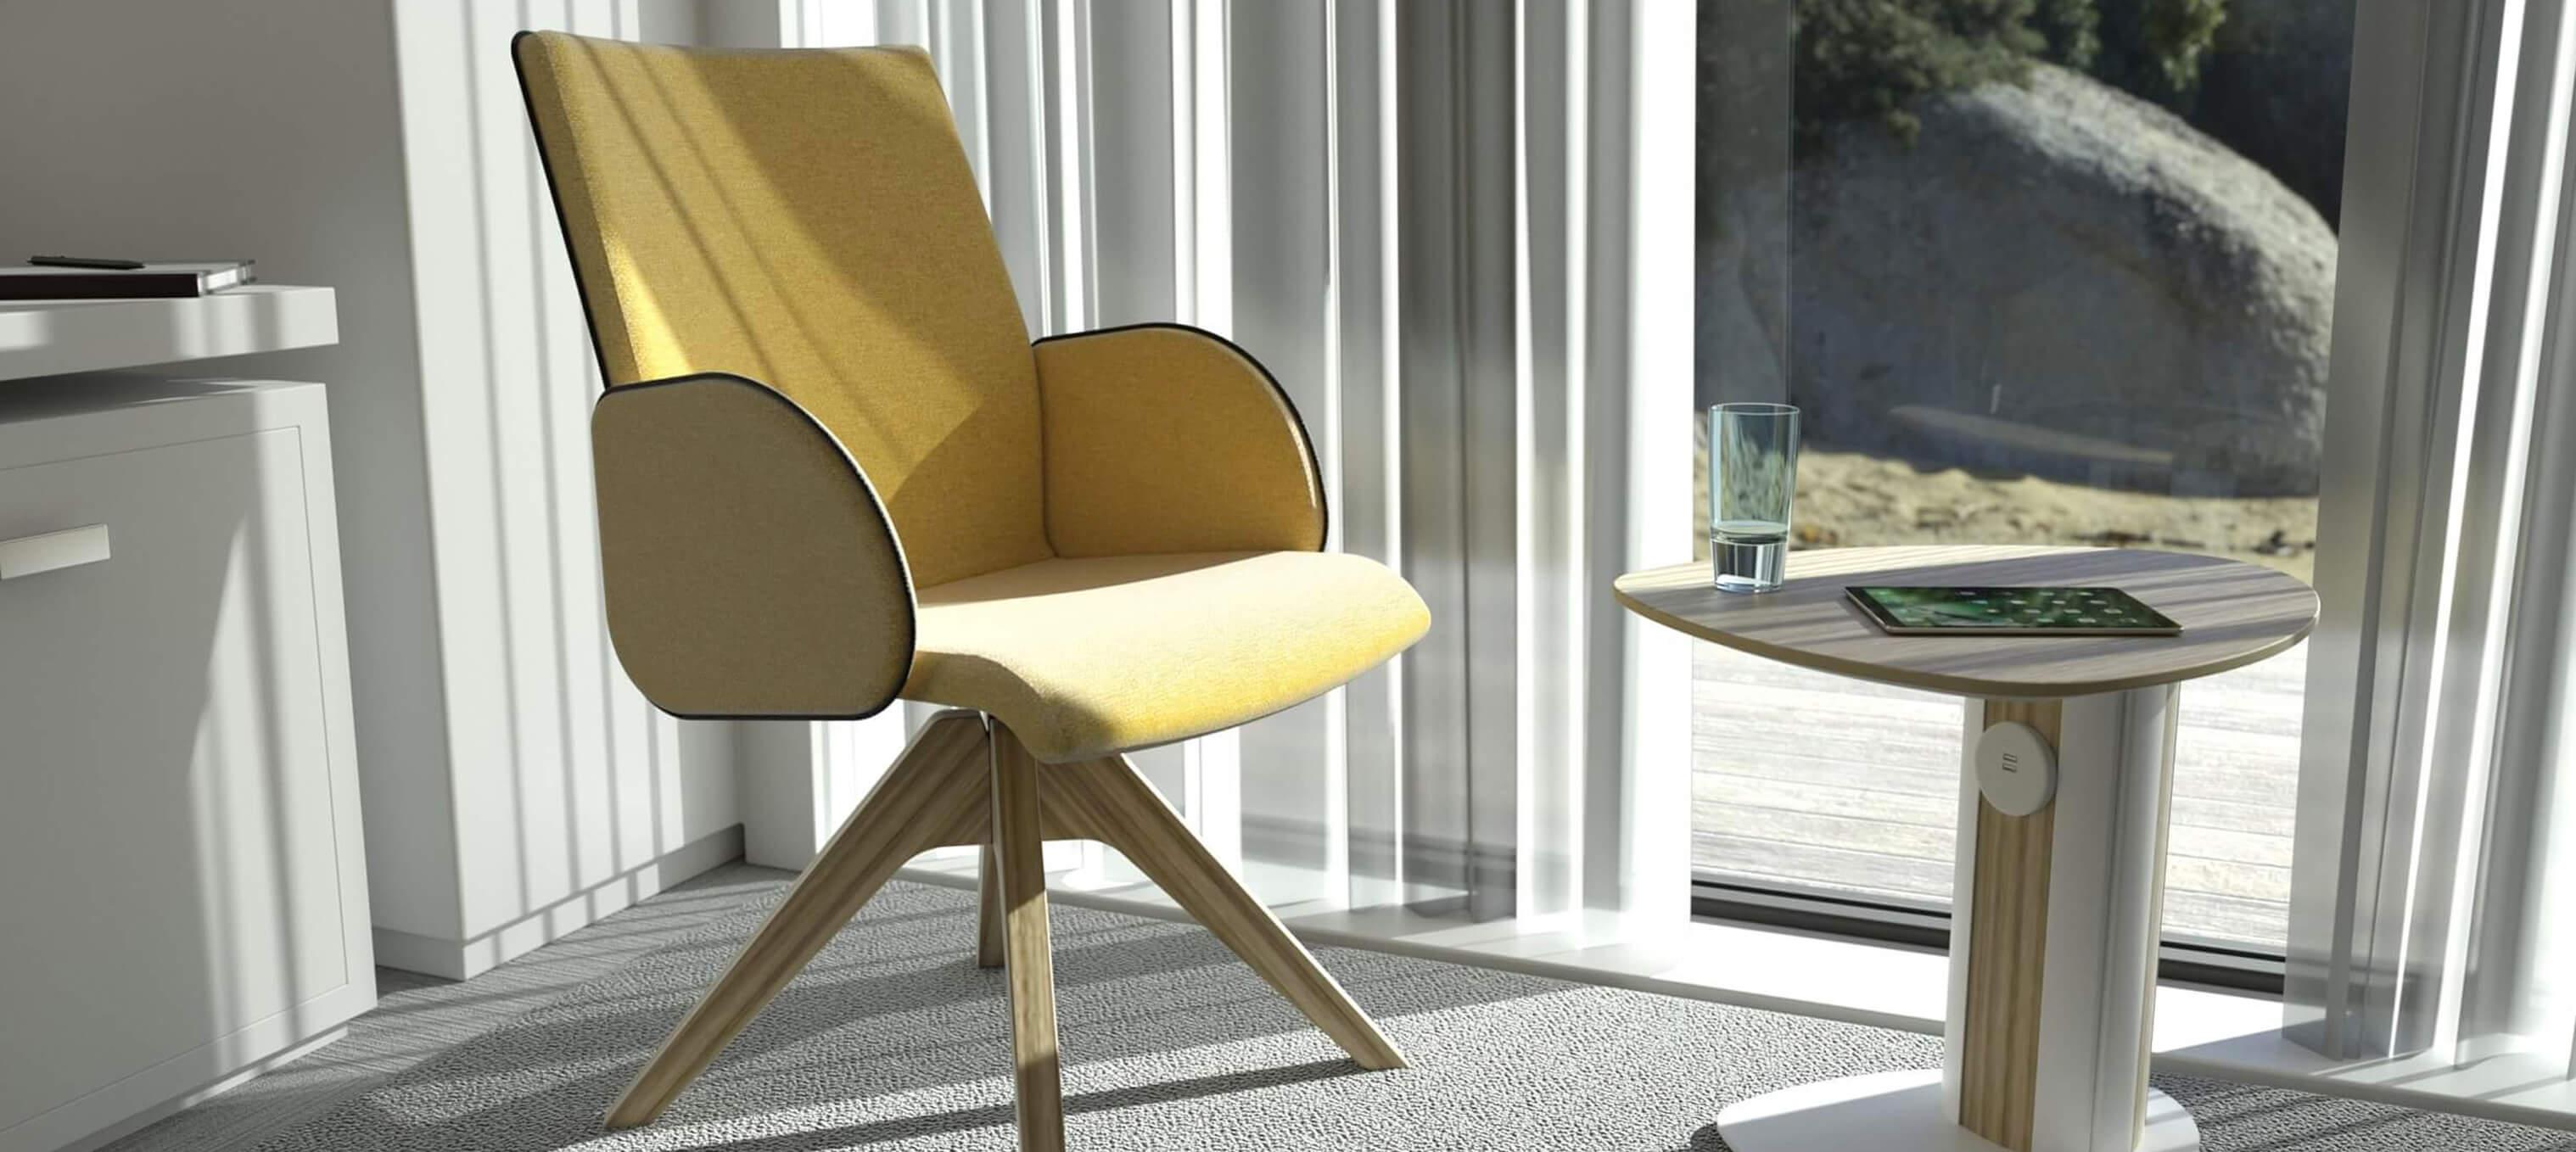 Casuelle Chair Bedroom